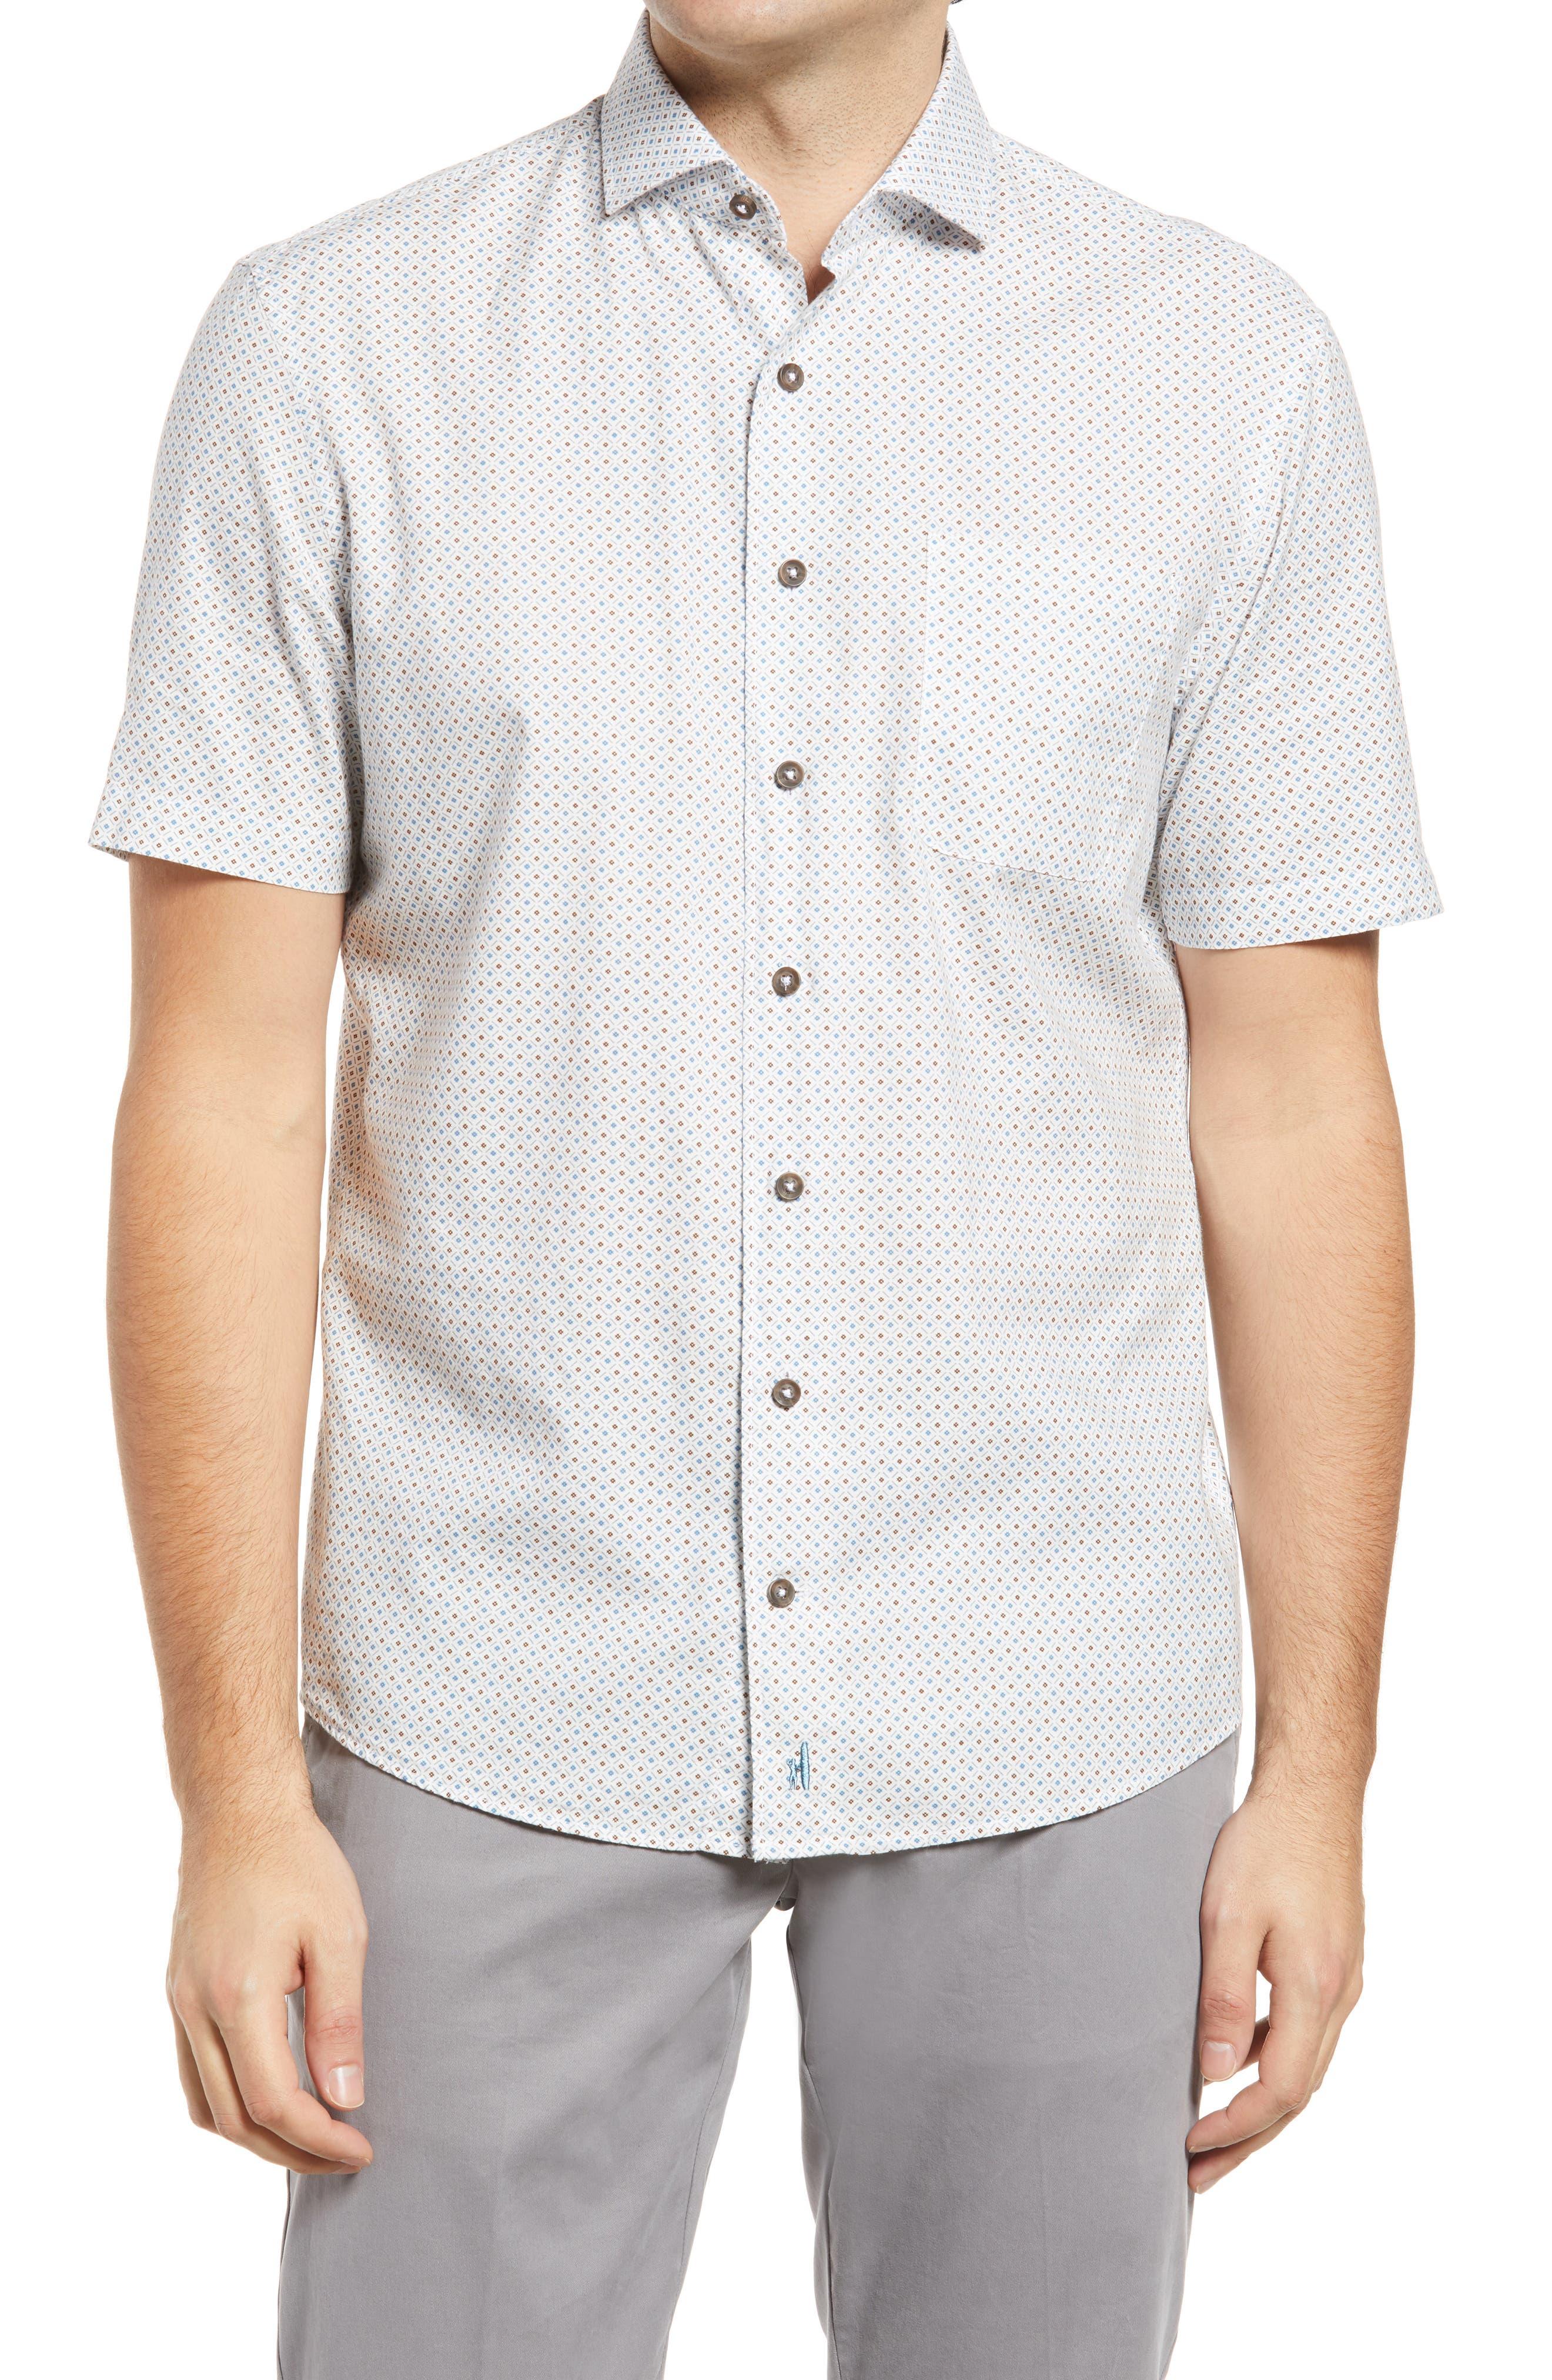 Depew Short Sleeve Button-Up Shirt